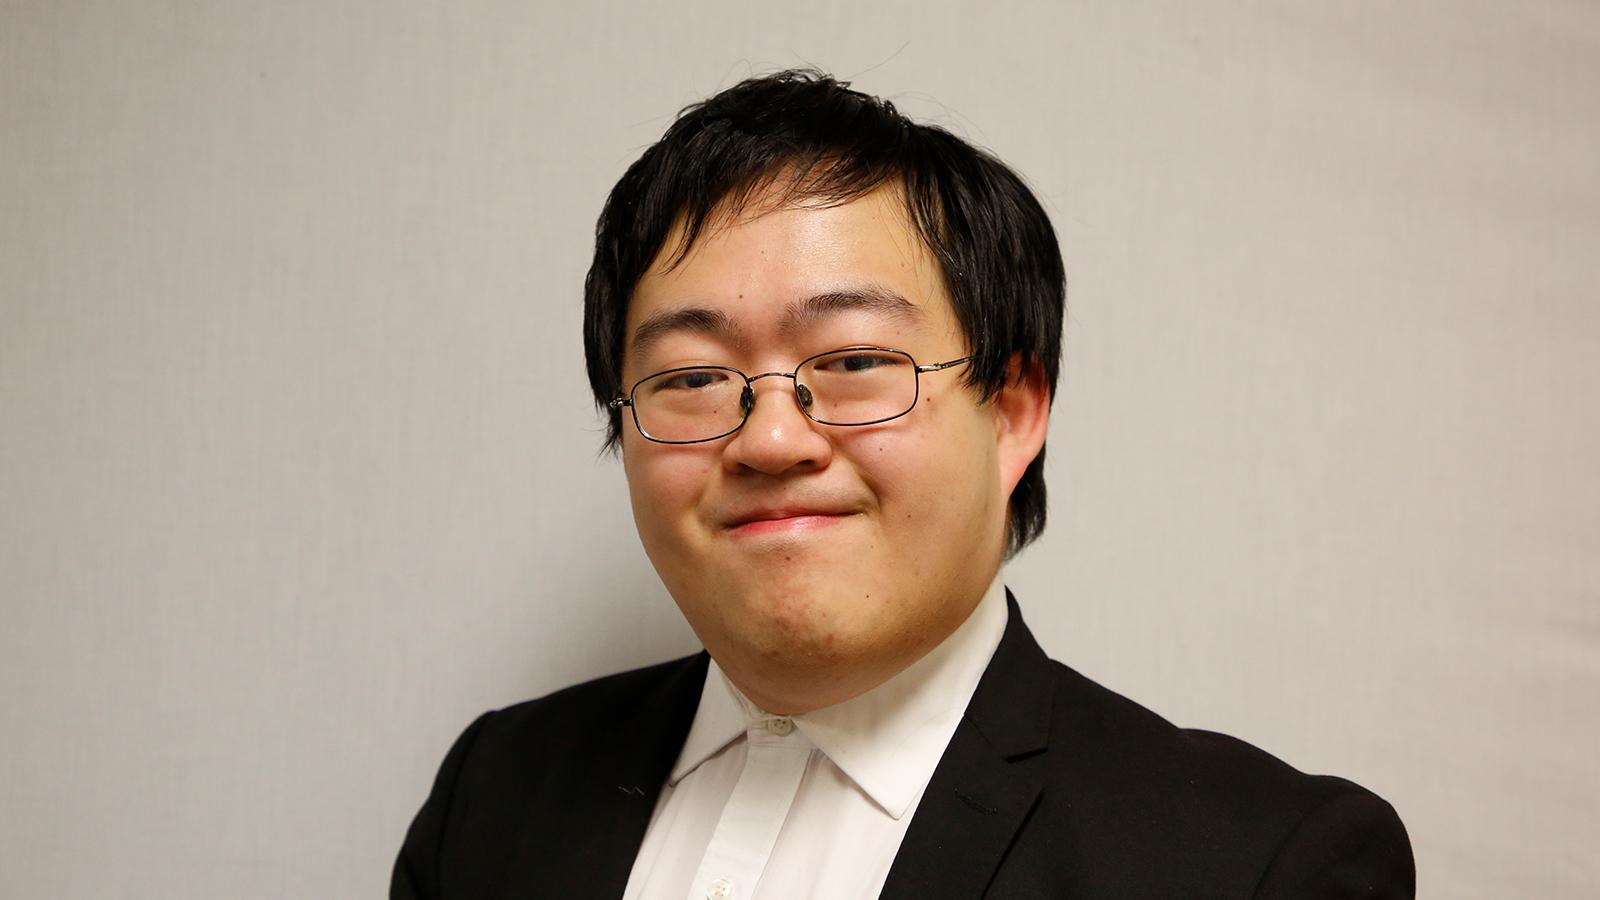 Kevin Tang '18